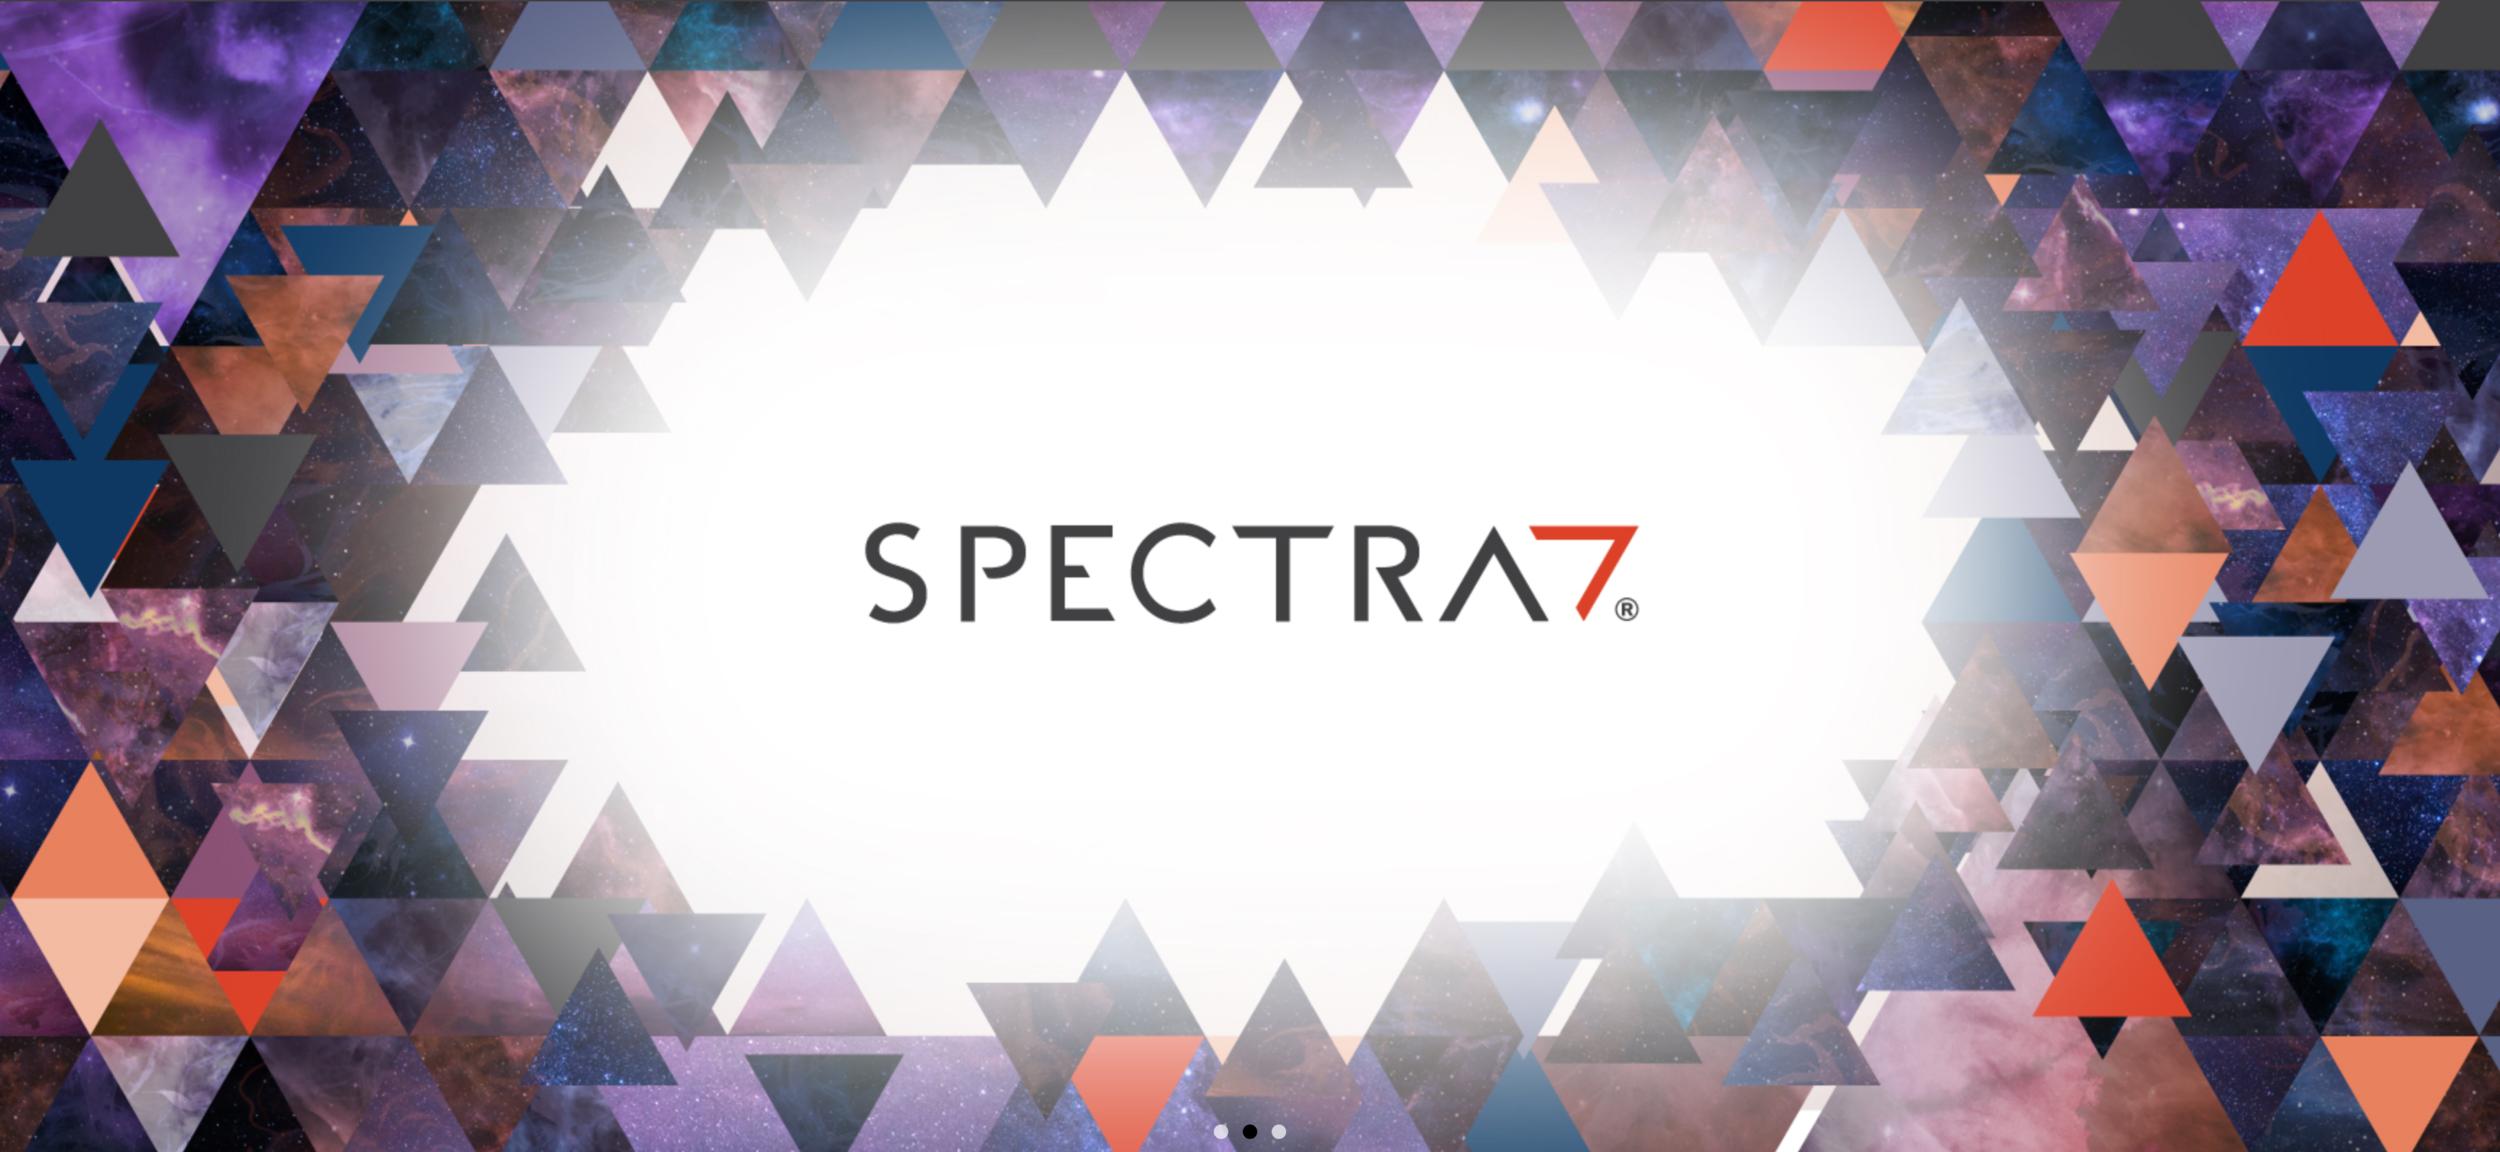 Spectra7_Testimonial.png